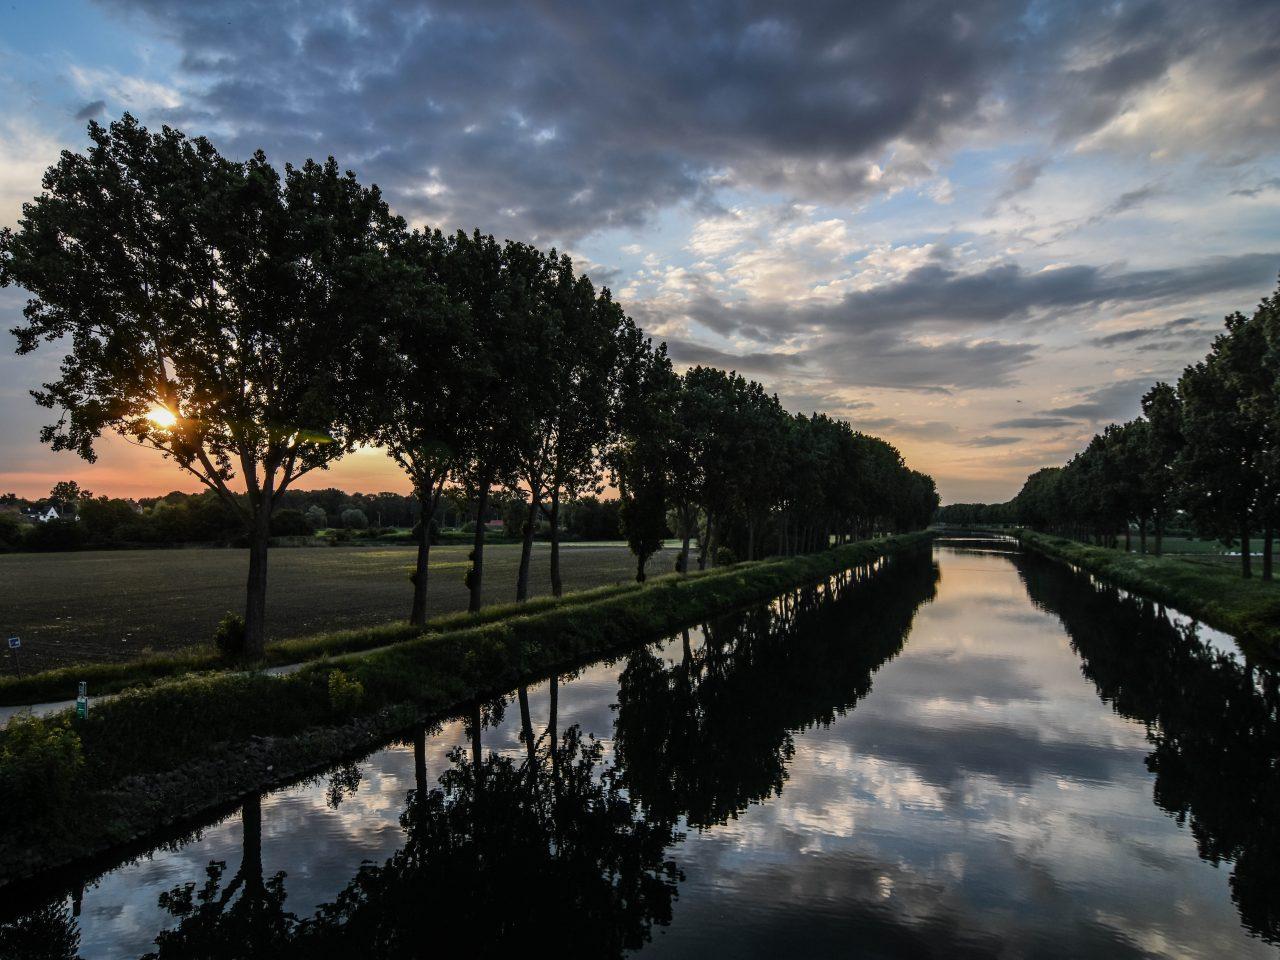 Belgium landscape